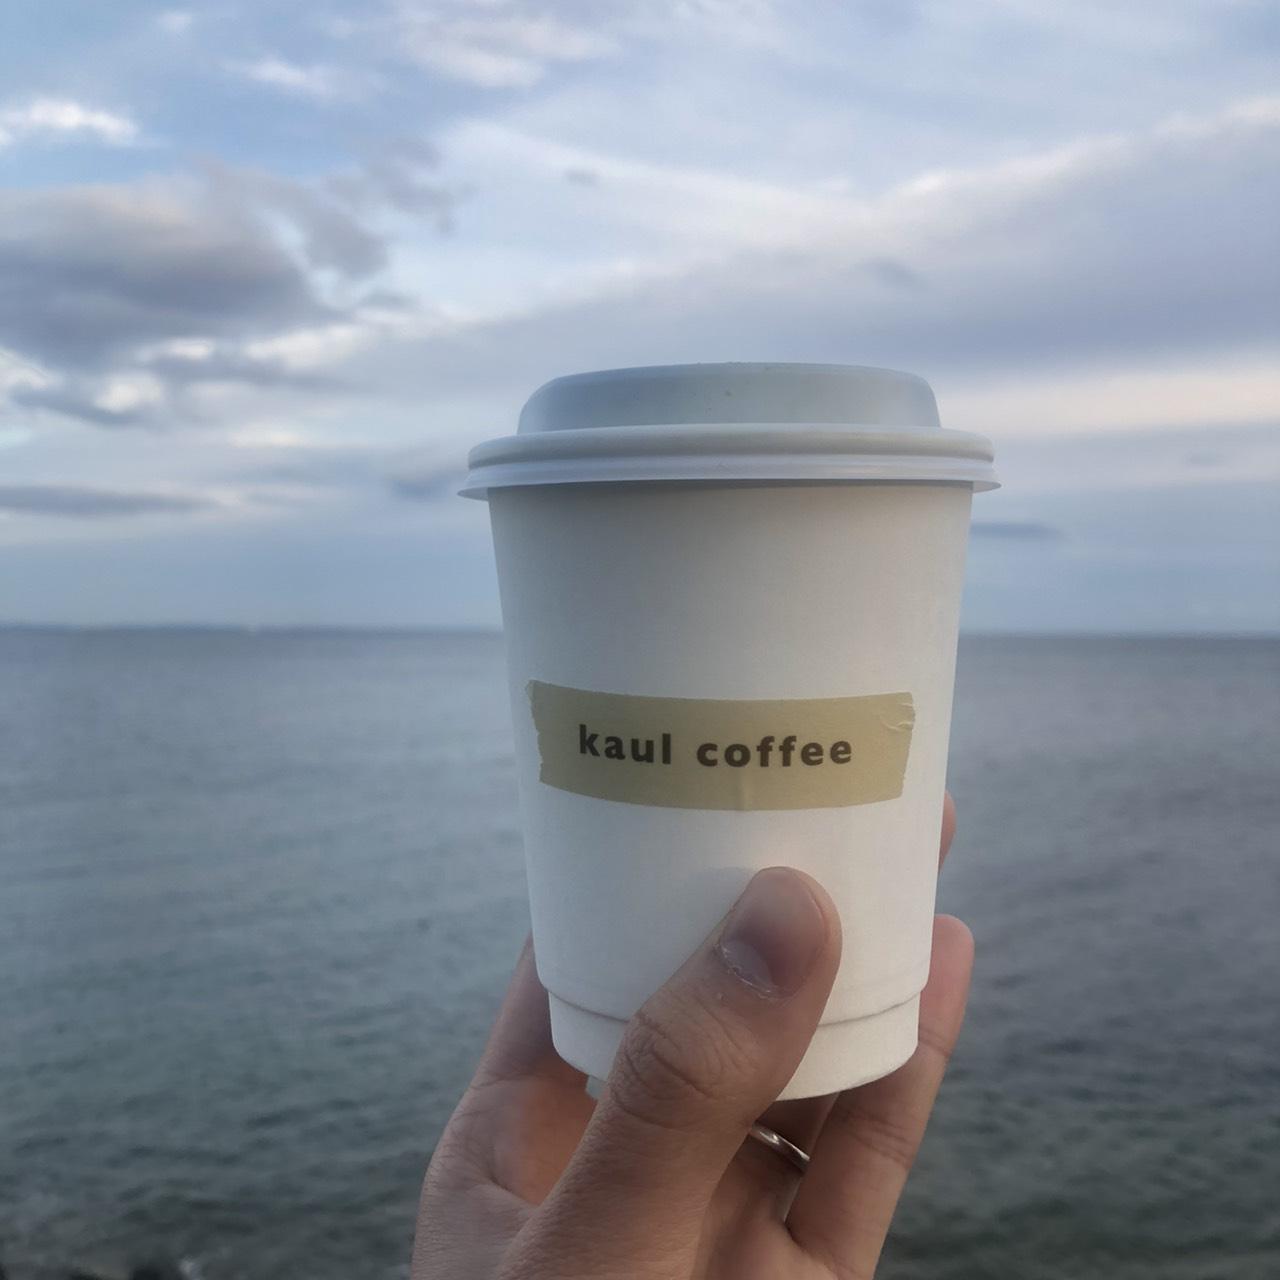 カウルコーヒー鈴鹿おしゃれカフェ